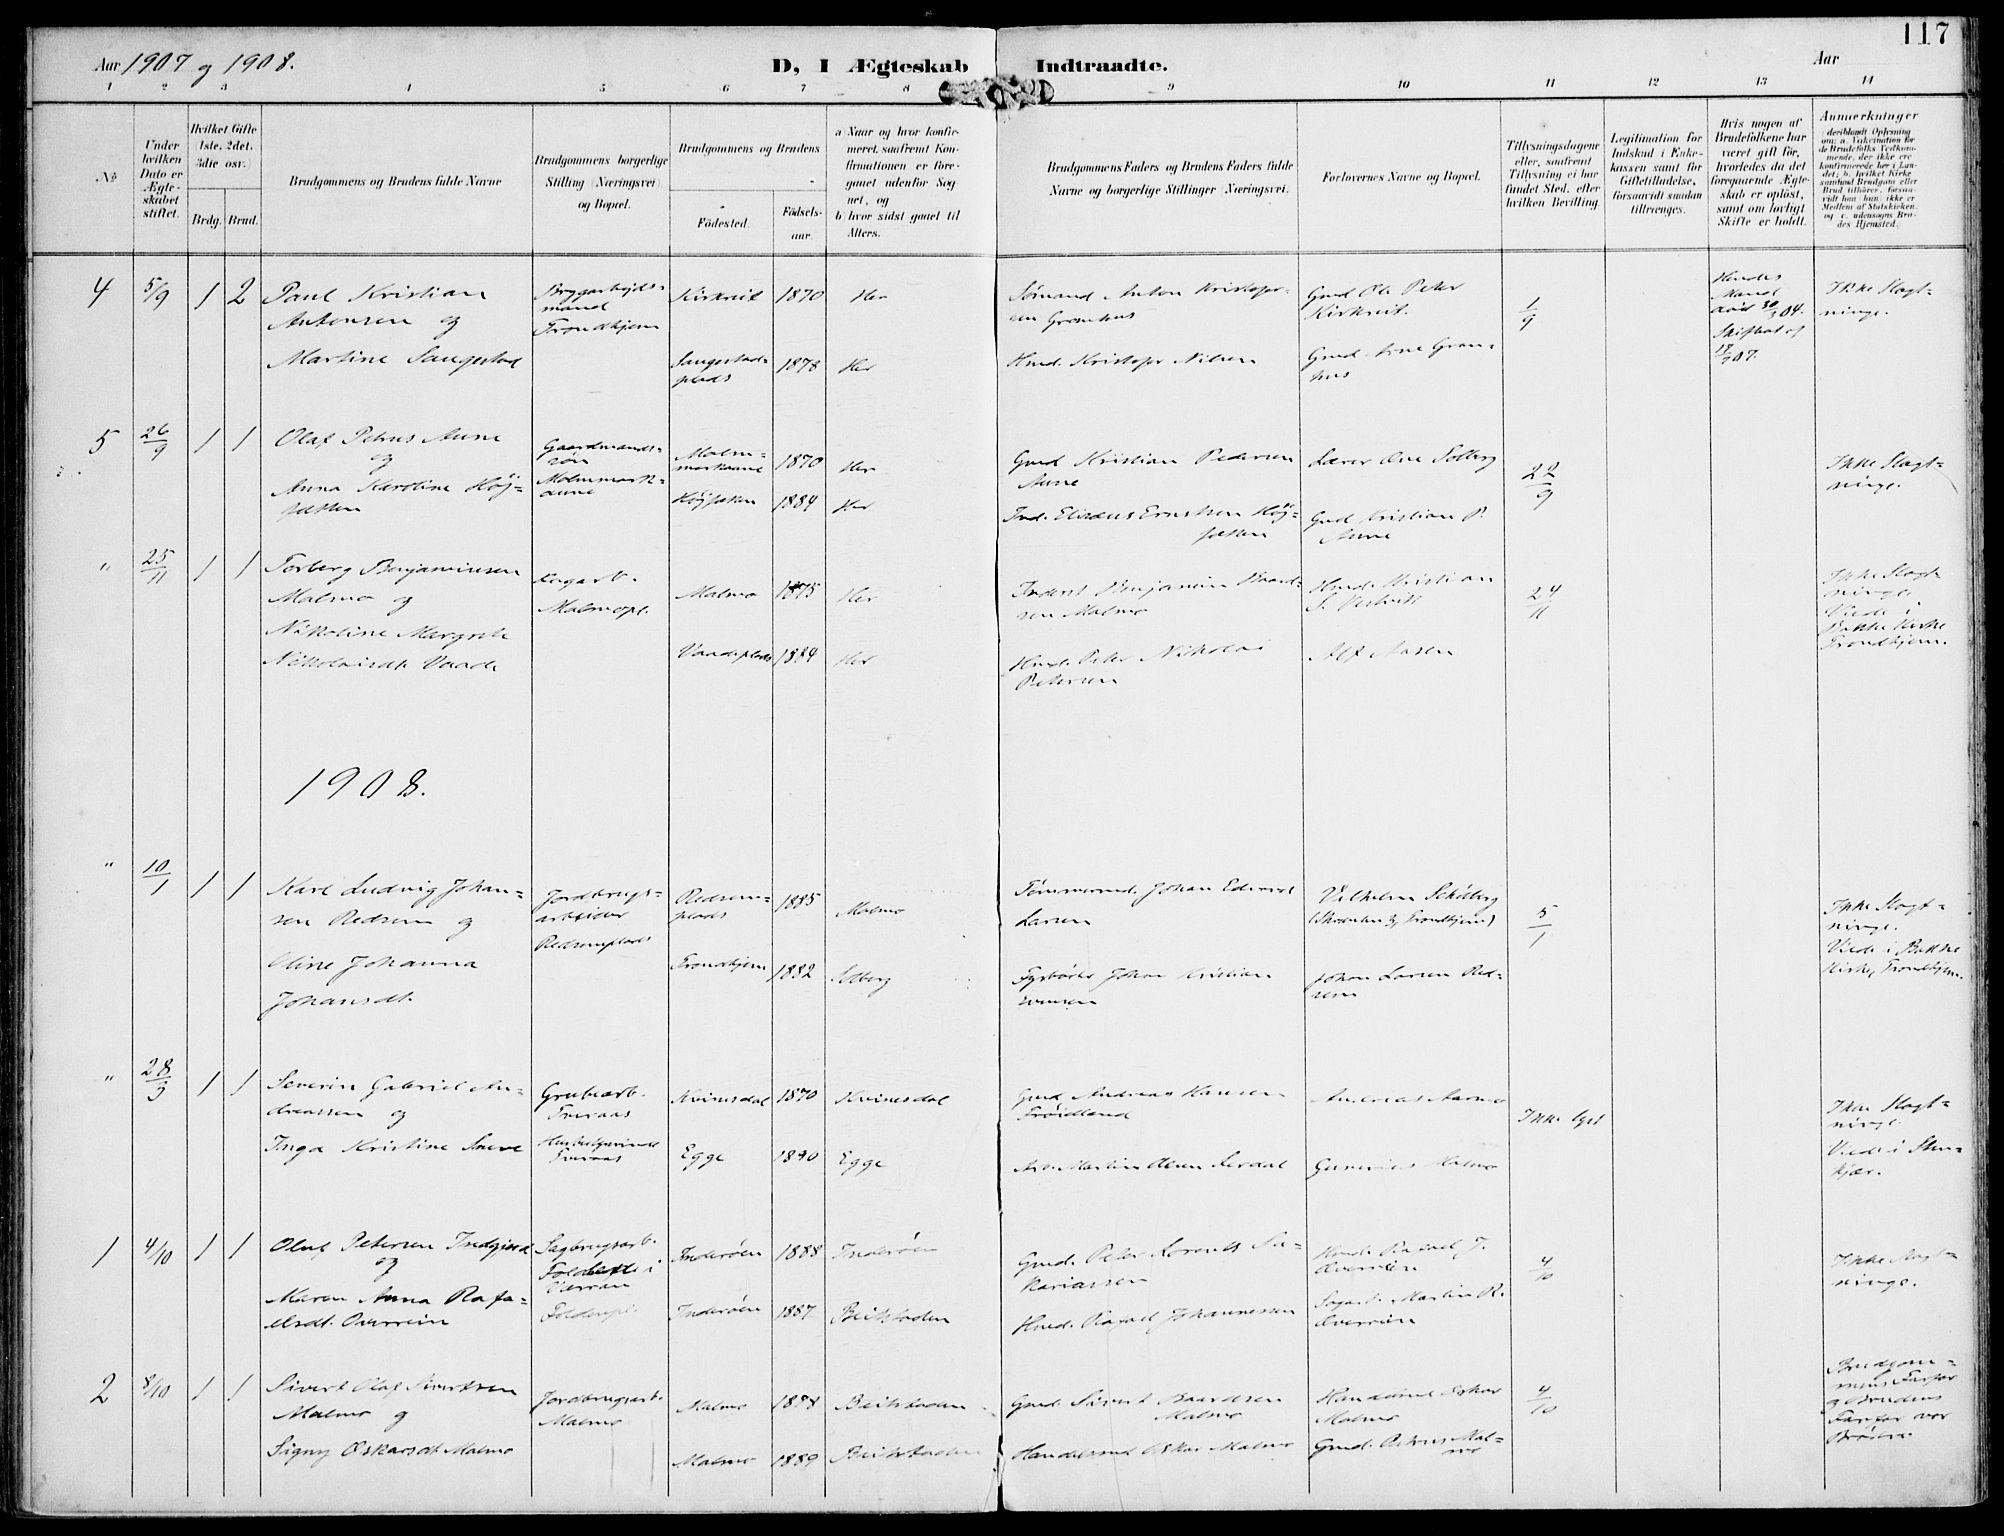 SAT, Ministerialprotokoller, klokkerbøker og fødselsregistre - Nord-Trøndelag, 745/L0430: Ministerialbok nr. 745A02, 1895-1913, s. 117